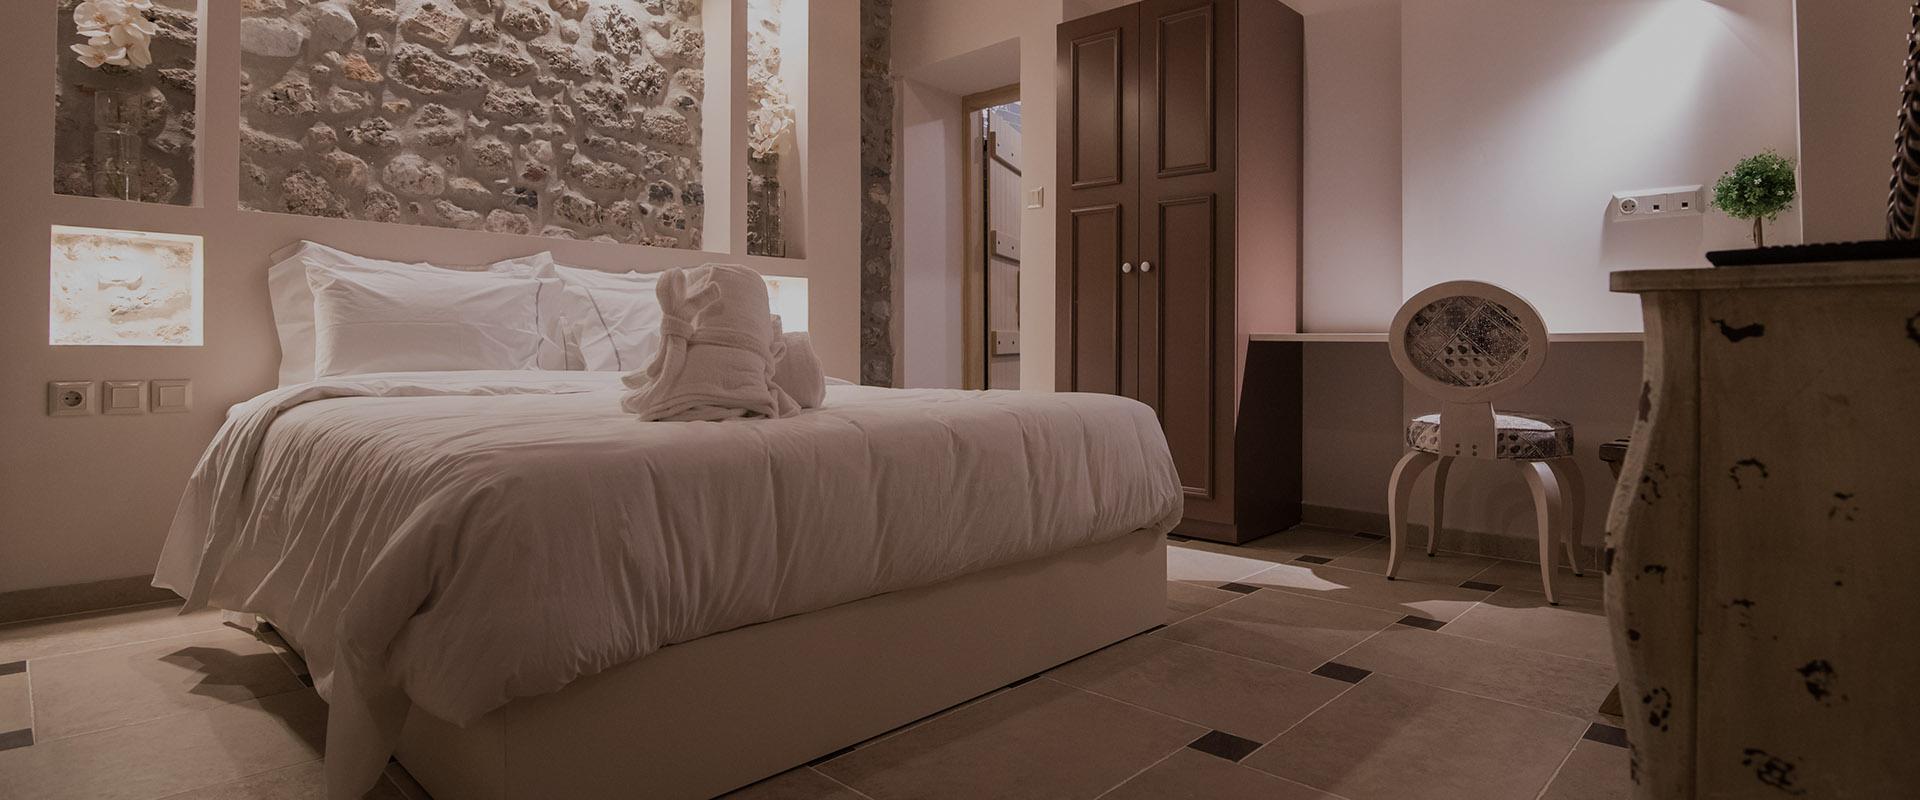 ξενοδοχεια λιτοχωρο - Mythic Valley Litochoro